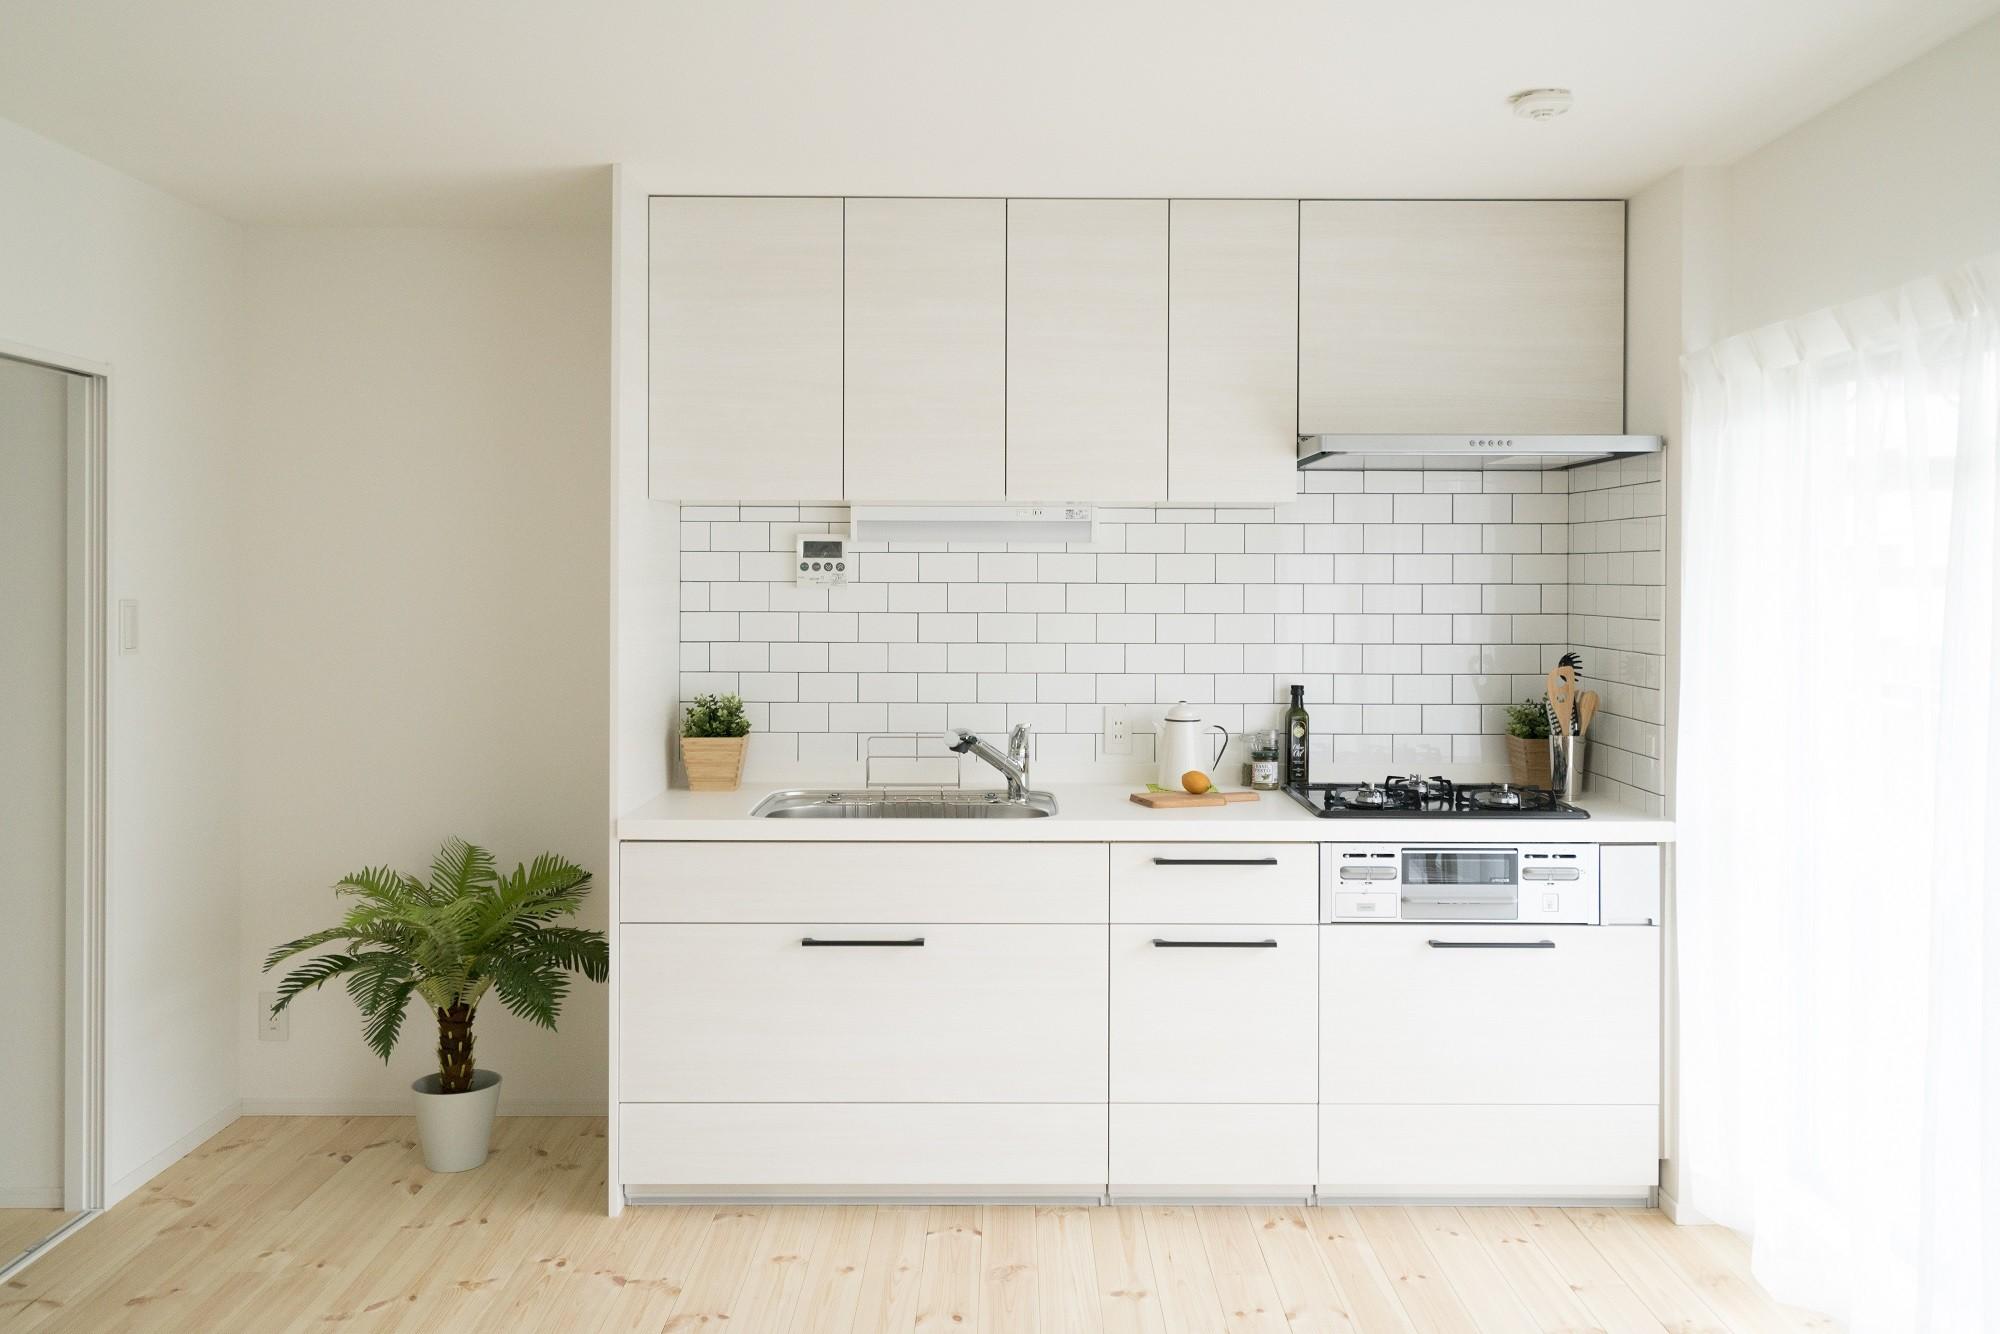 キッチン事例:キッチン(リノベーション リビングと繋がる部屋)